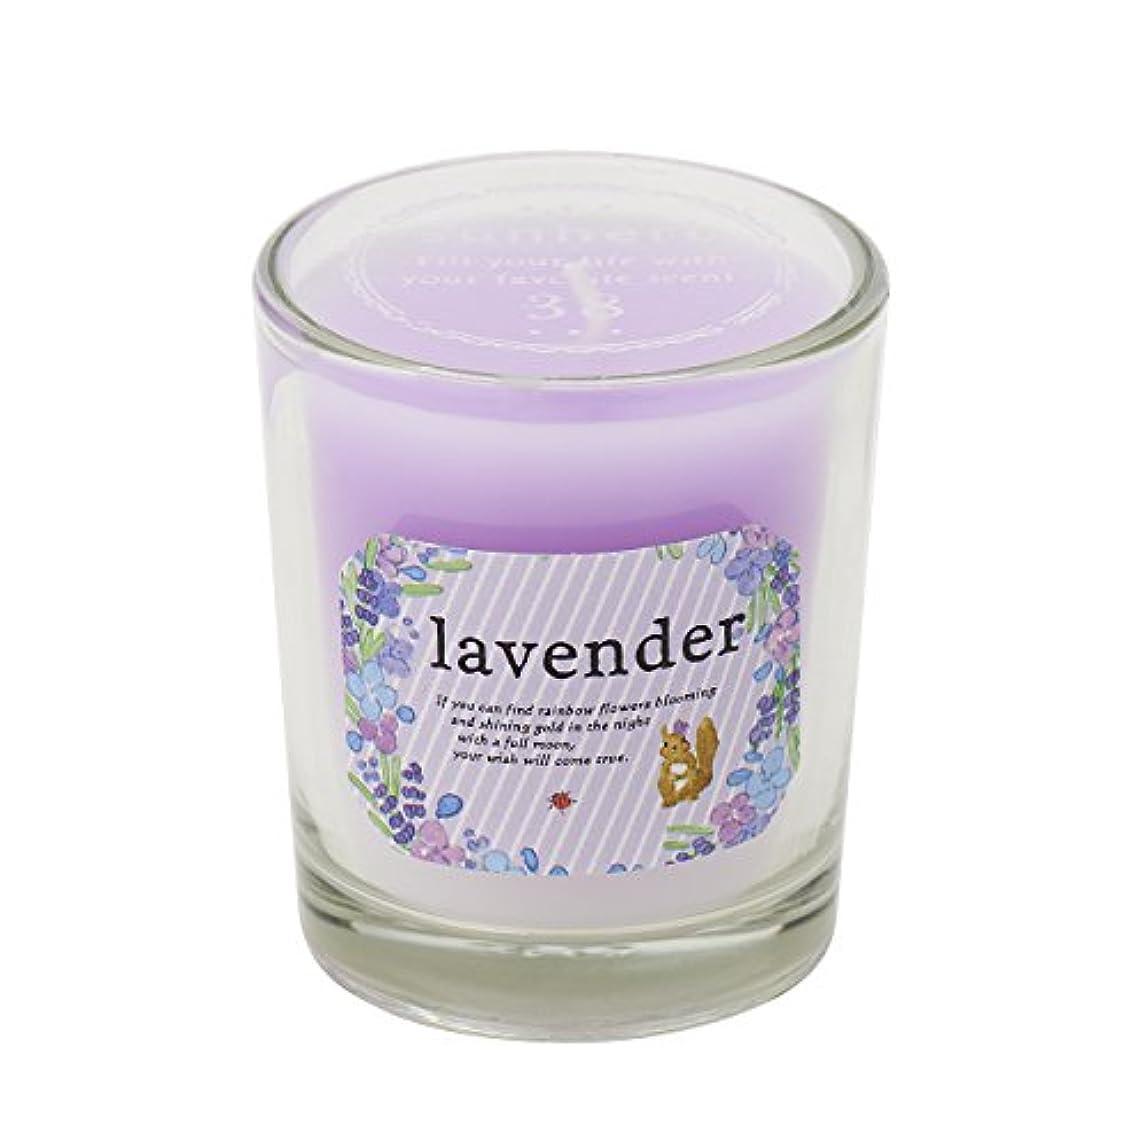 告発リー挽くサンハーブ グラスキャンドル ラベンダー 35g(グラデーションろうそく 燃焼時間約10時間 ふわっと爽やかなラベンダーの香り)